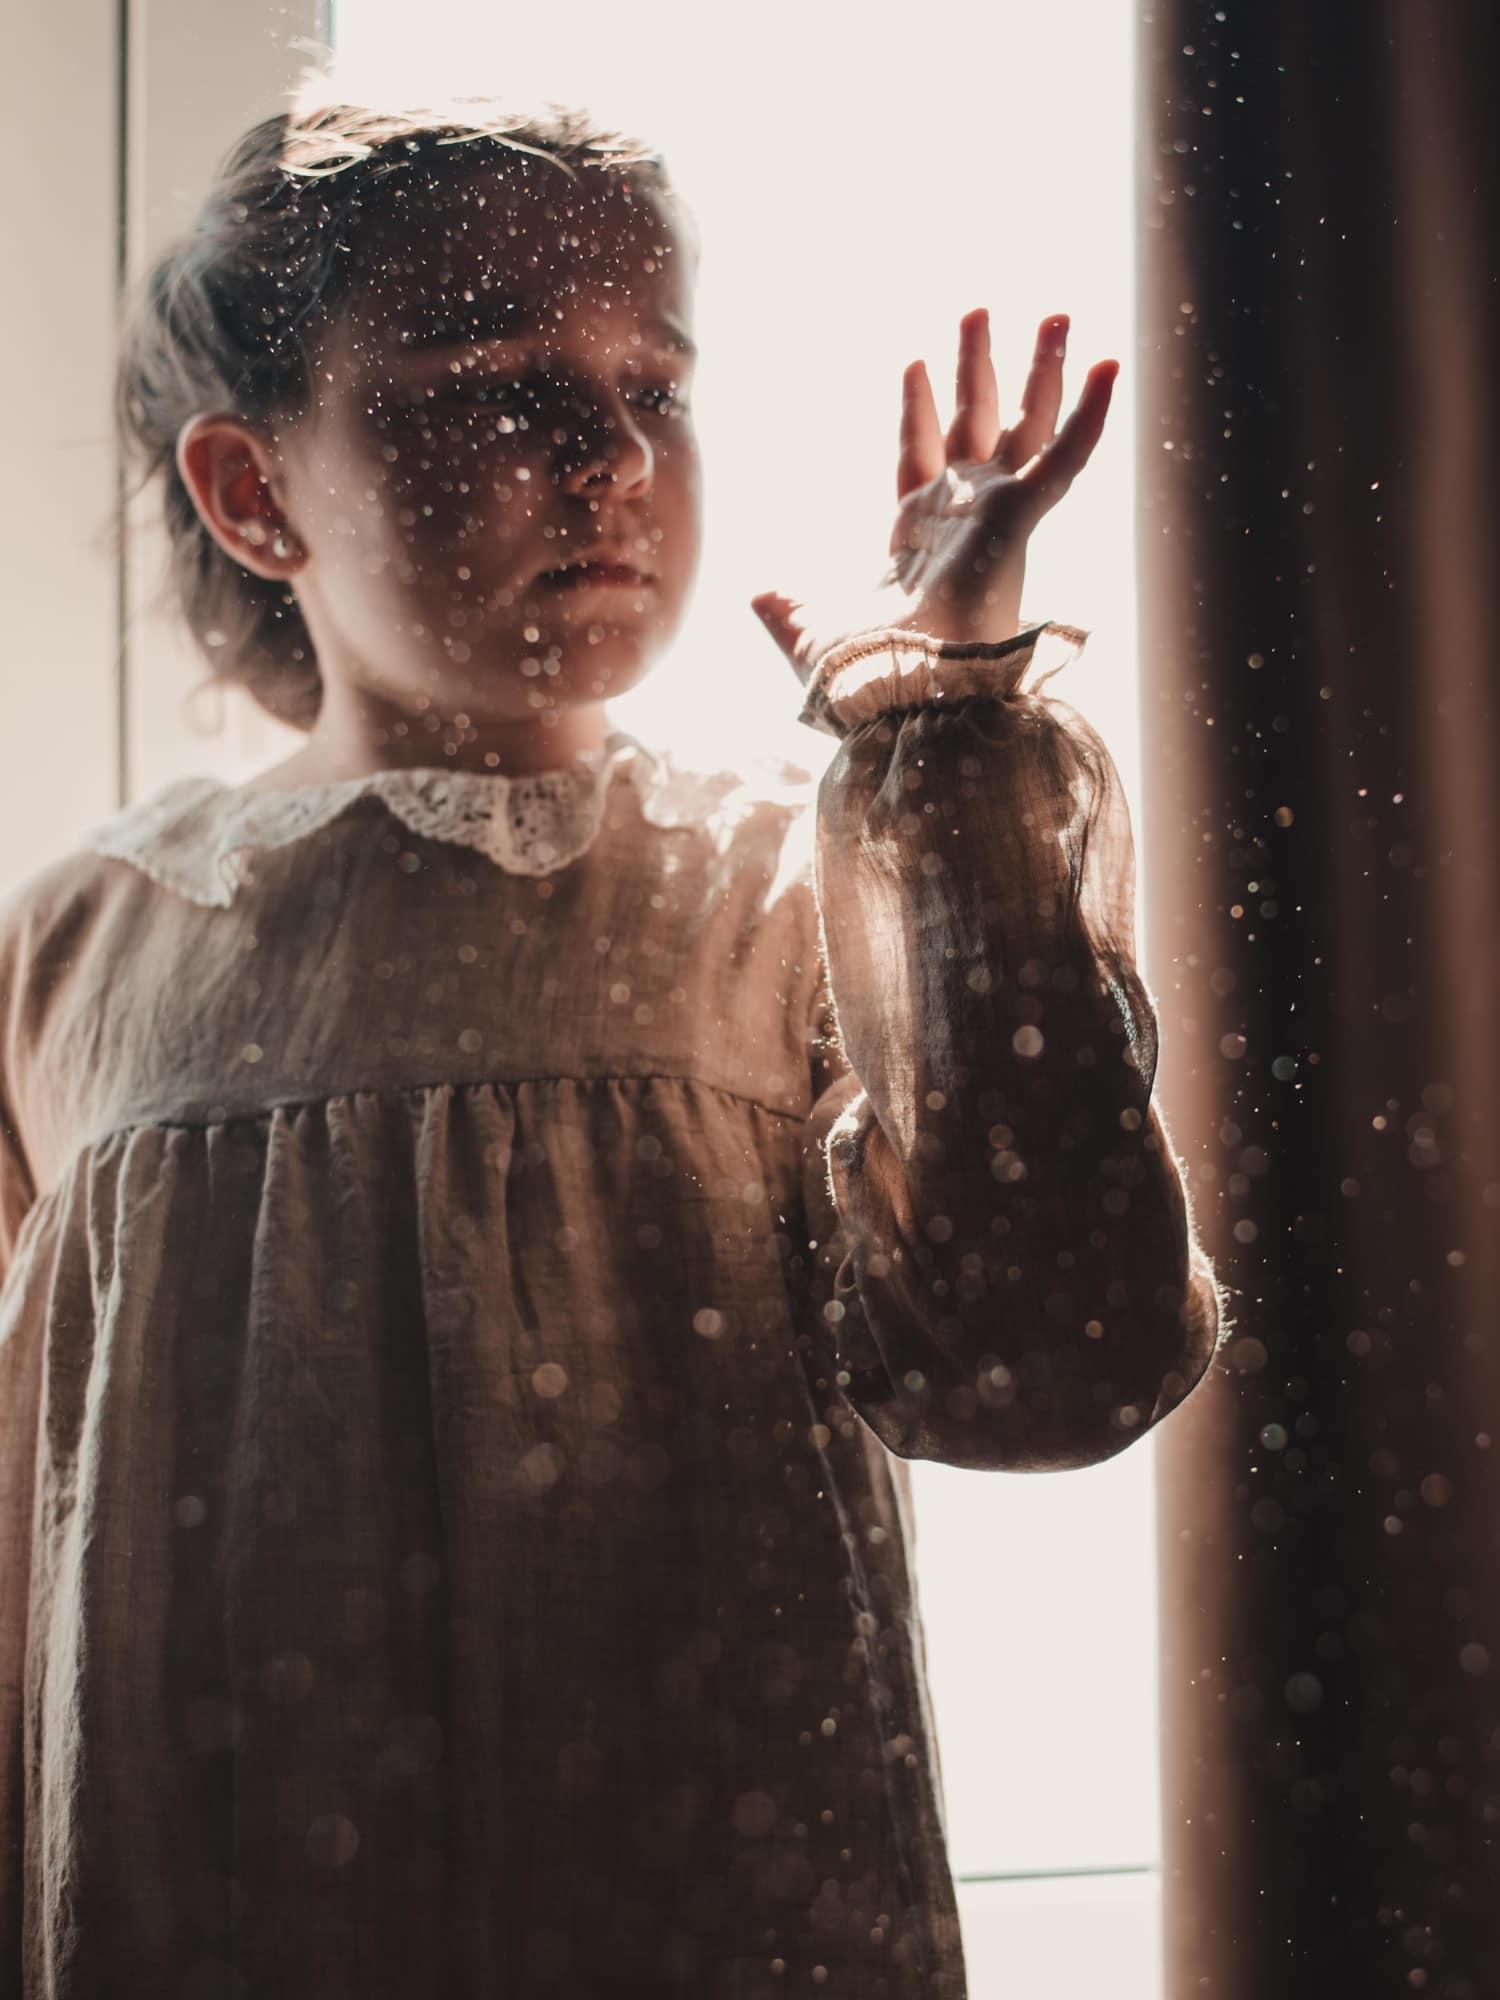 Niña delante de ventana jugando con el polvo en suspensión